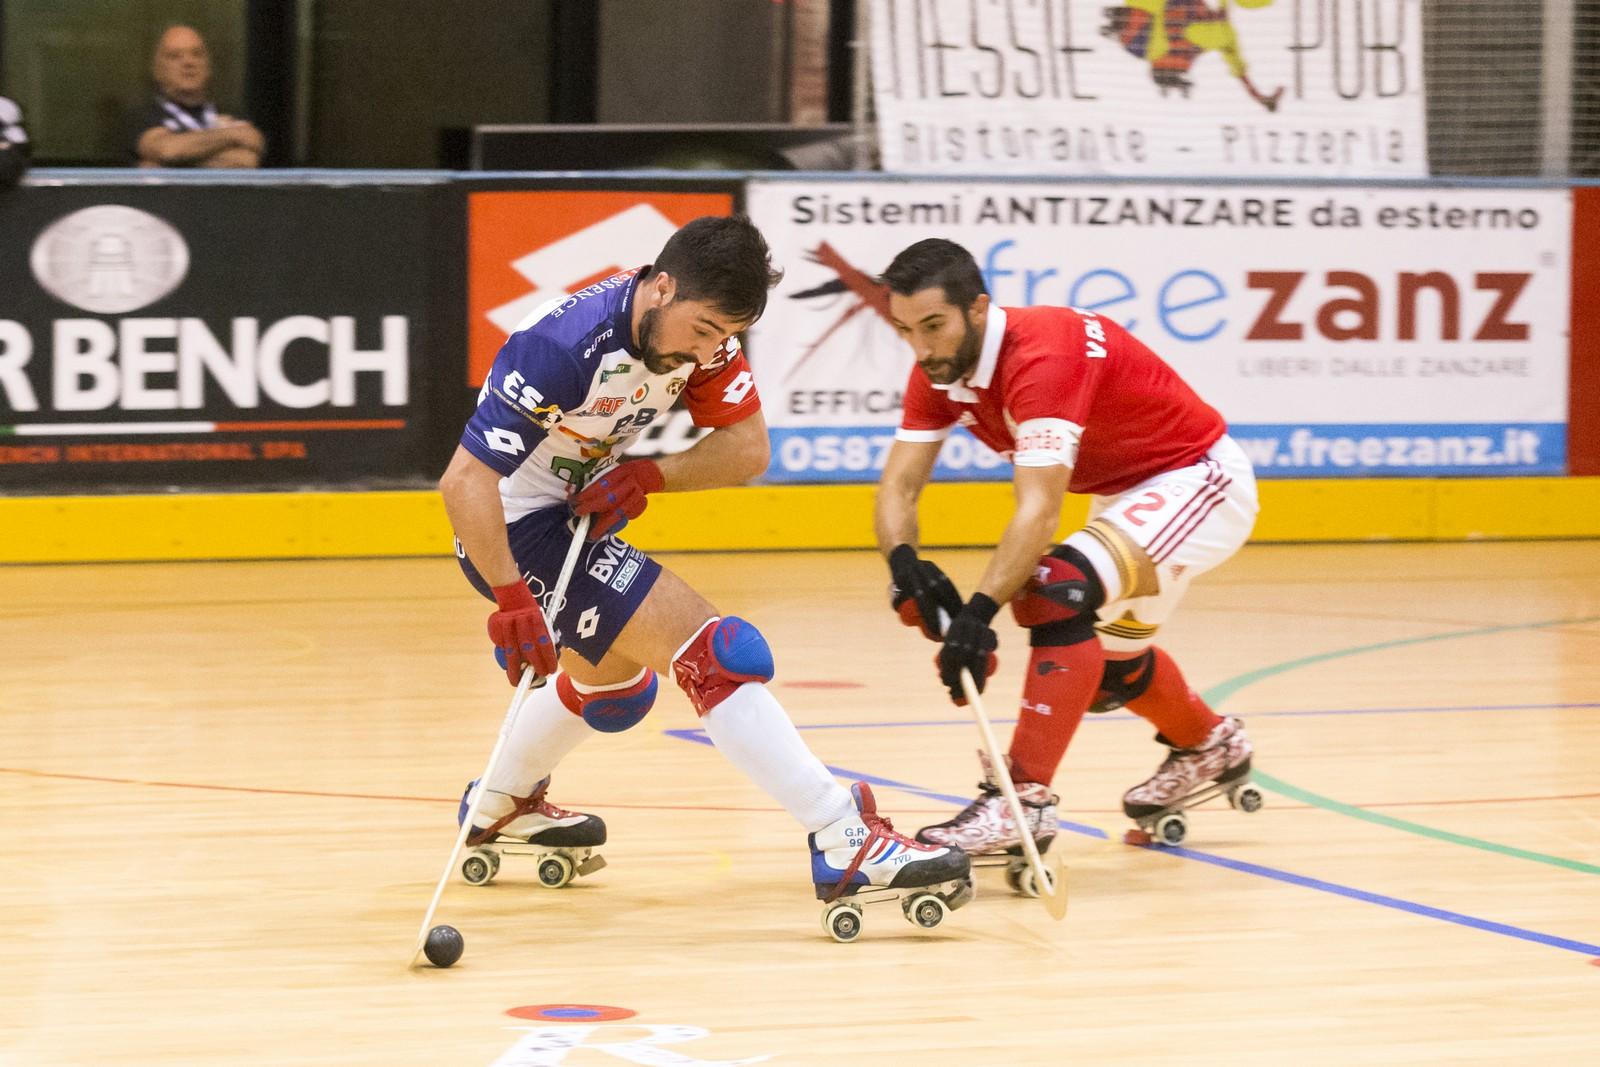 Hockey, pareggio per Cgc e Forte in Eurlolega